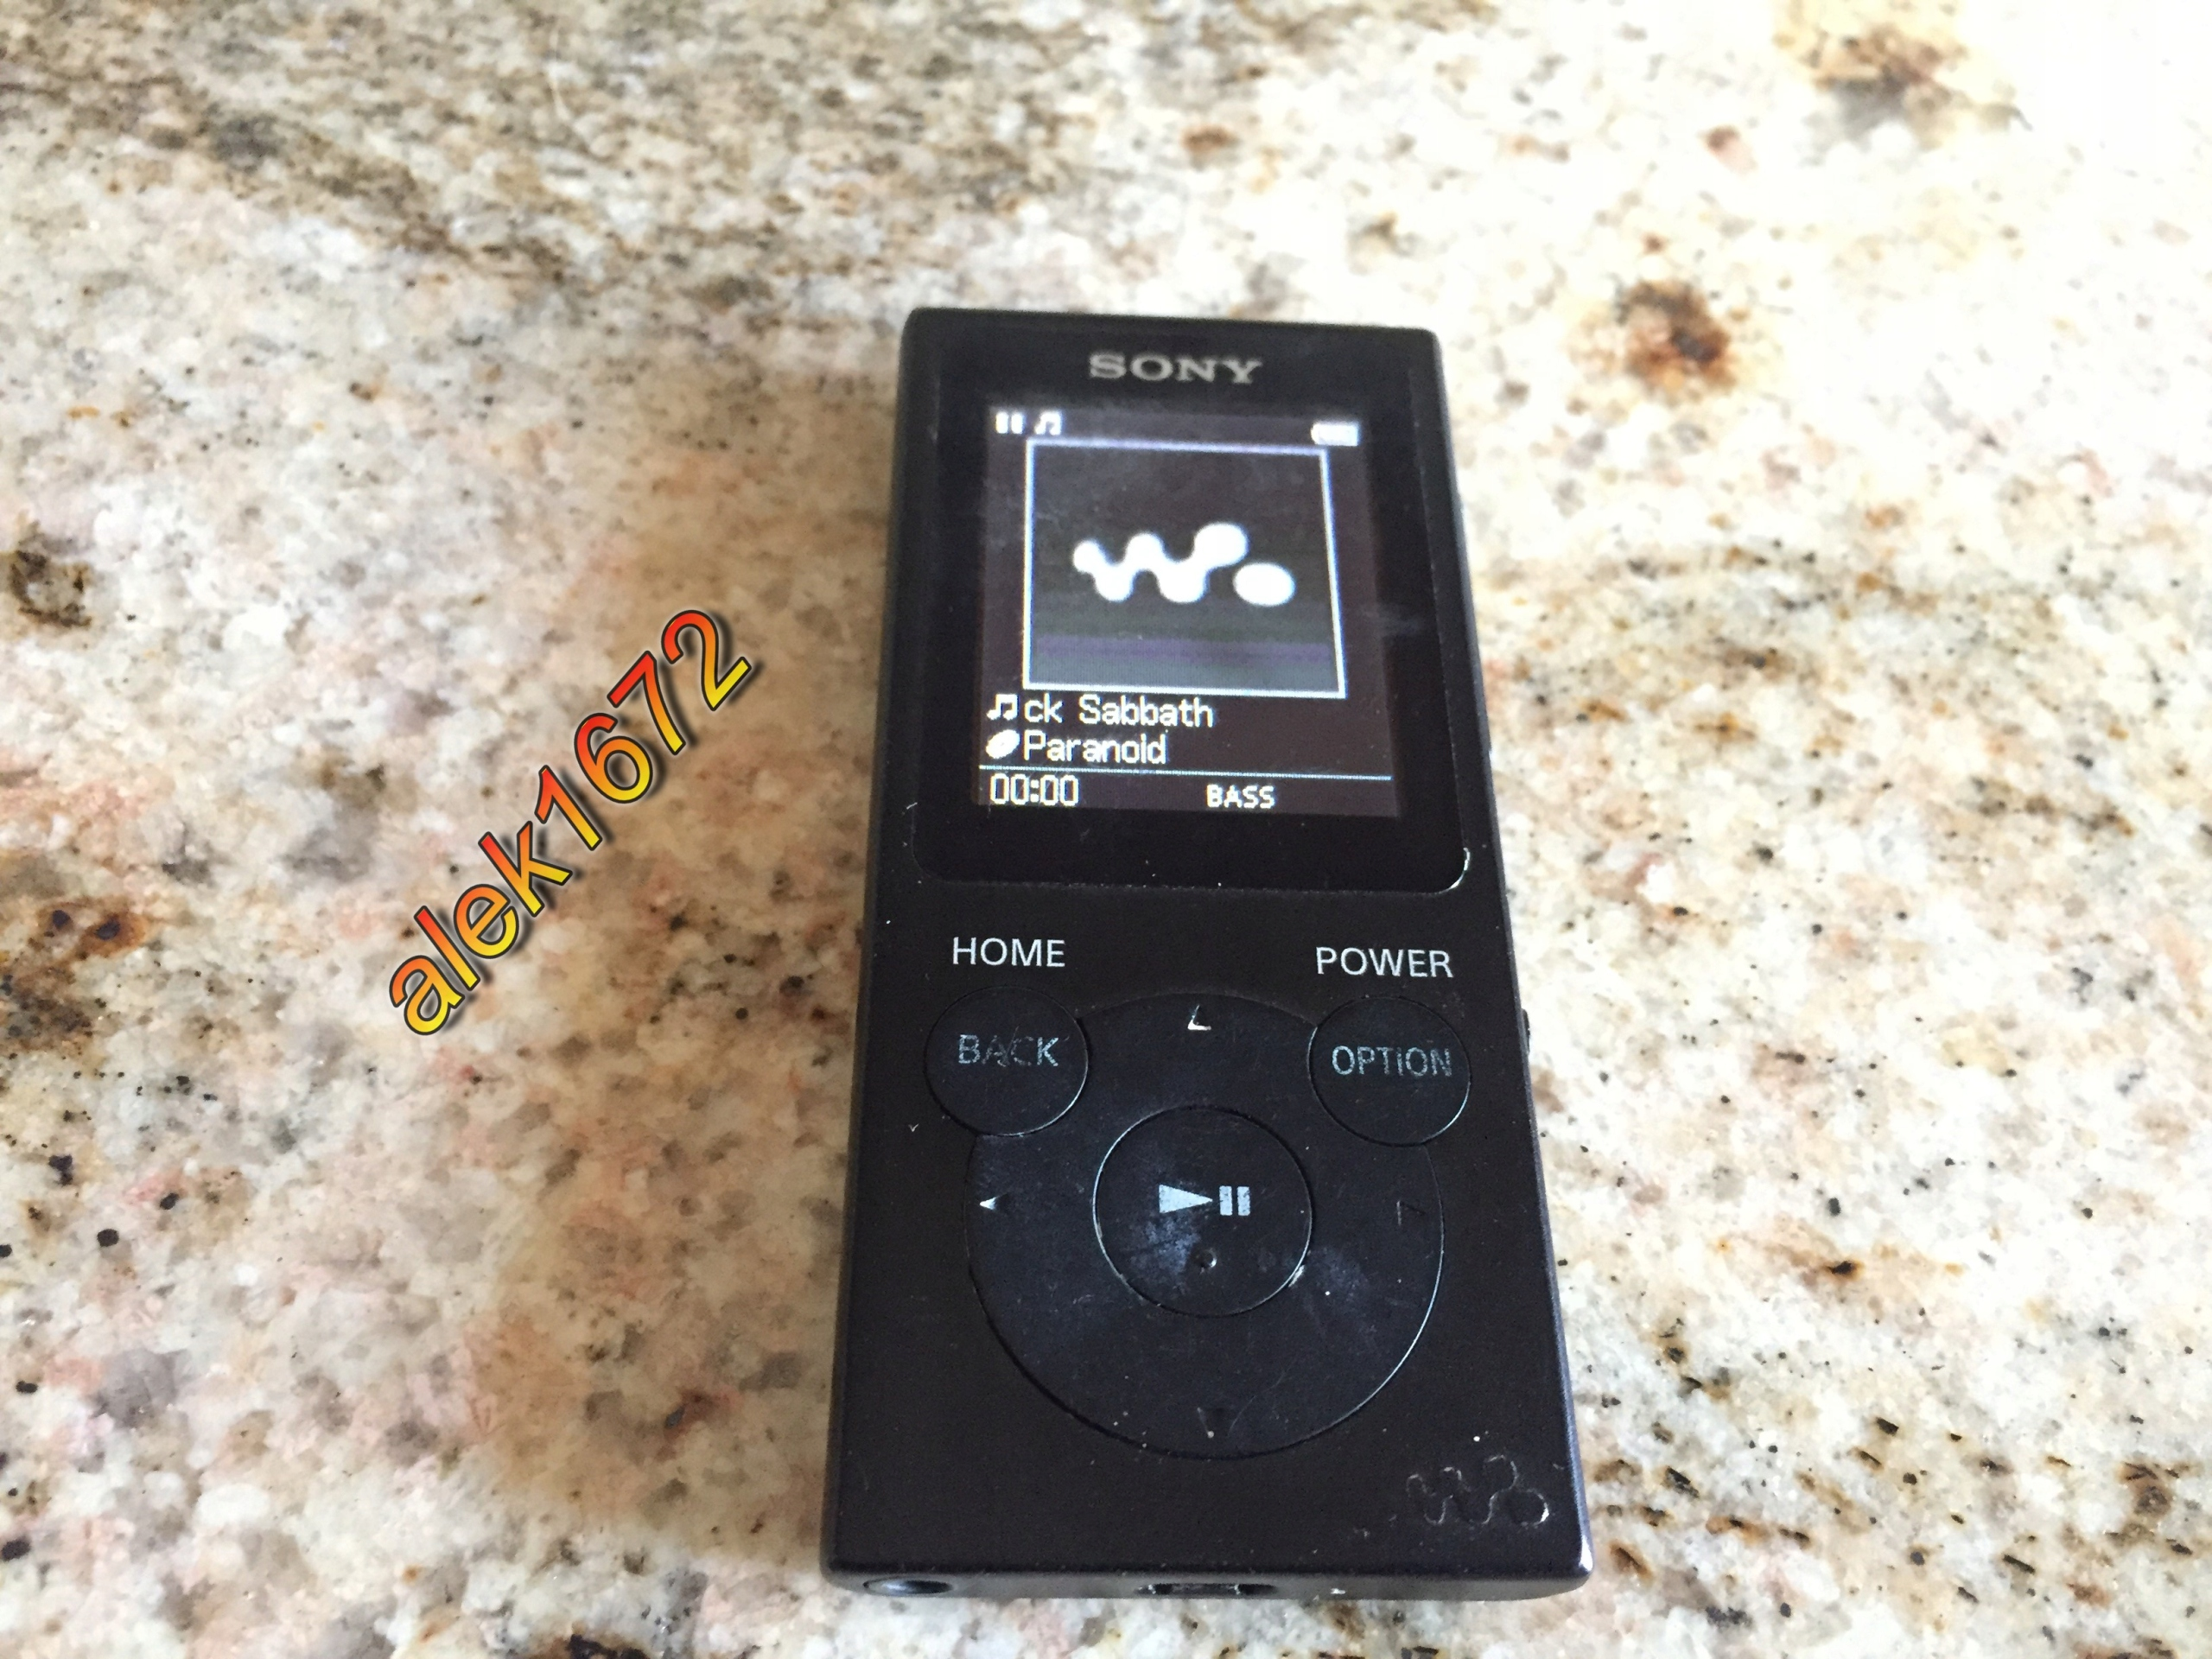 Sony WALKMAN NW-393, 4Gb